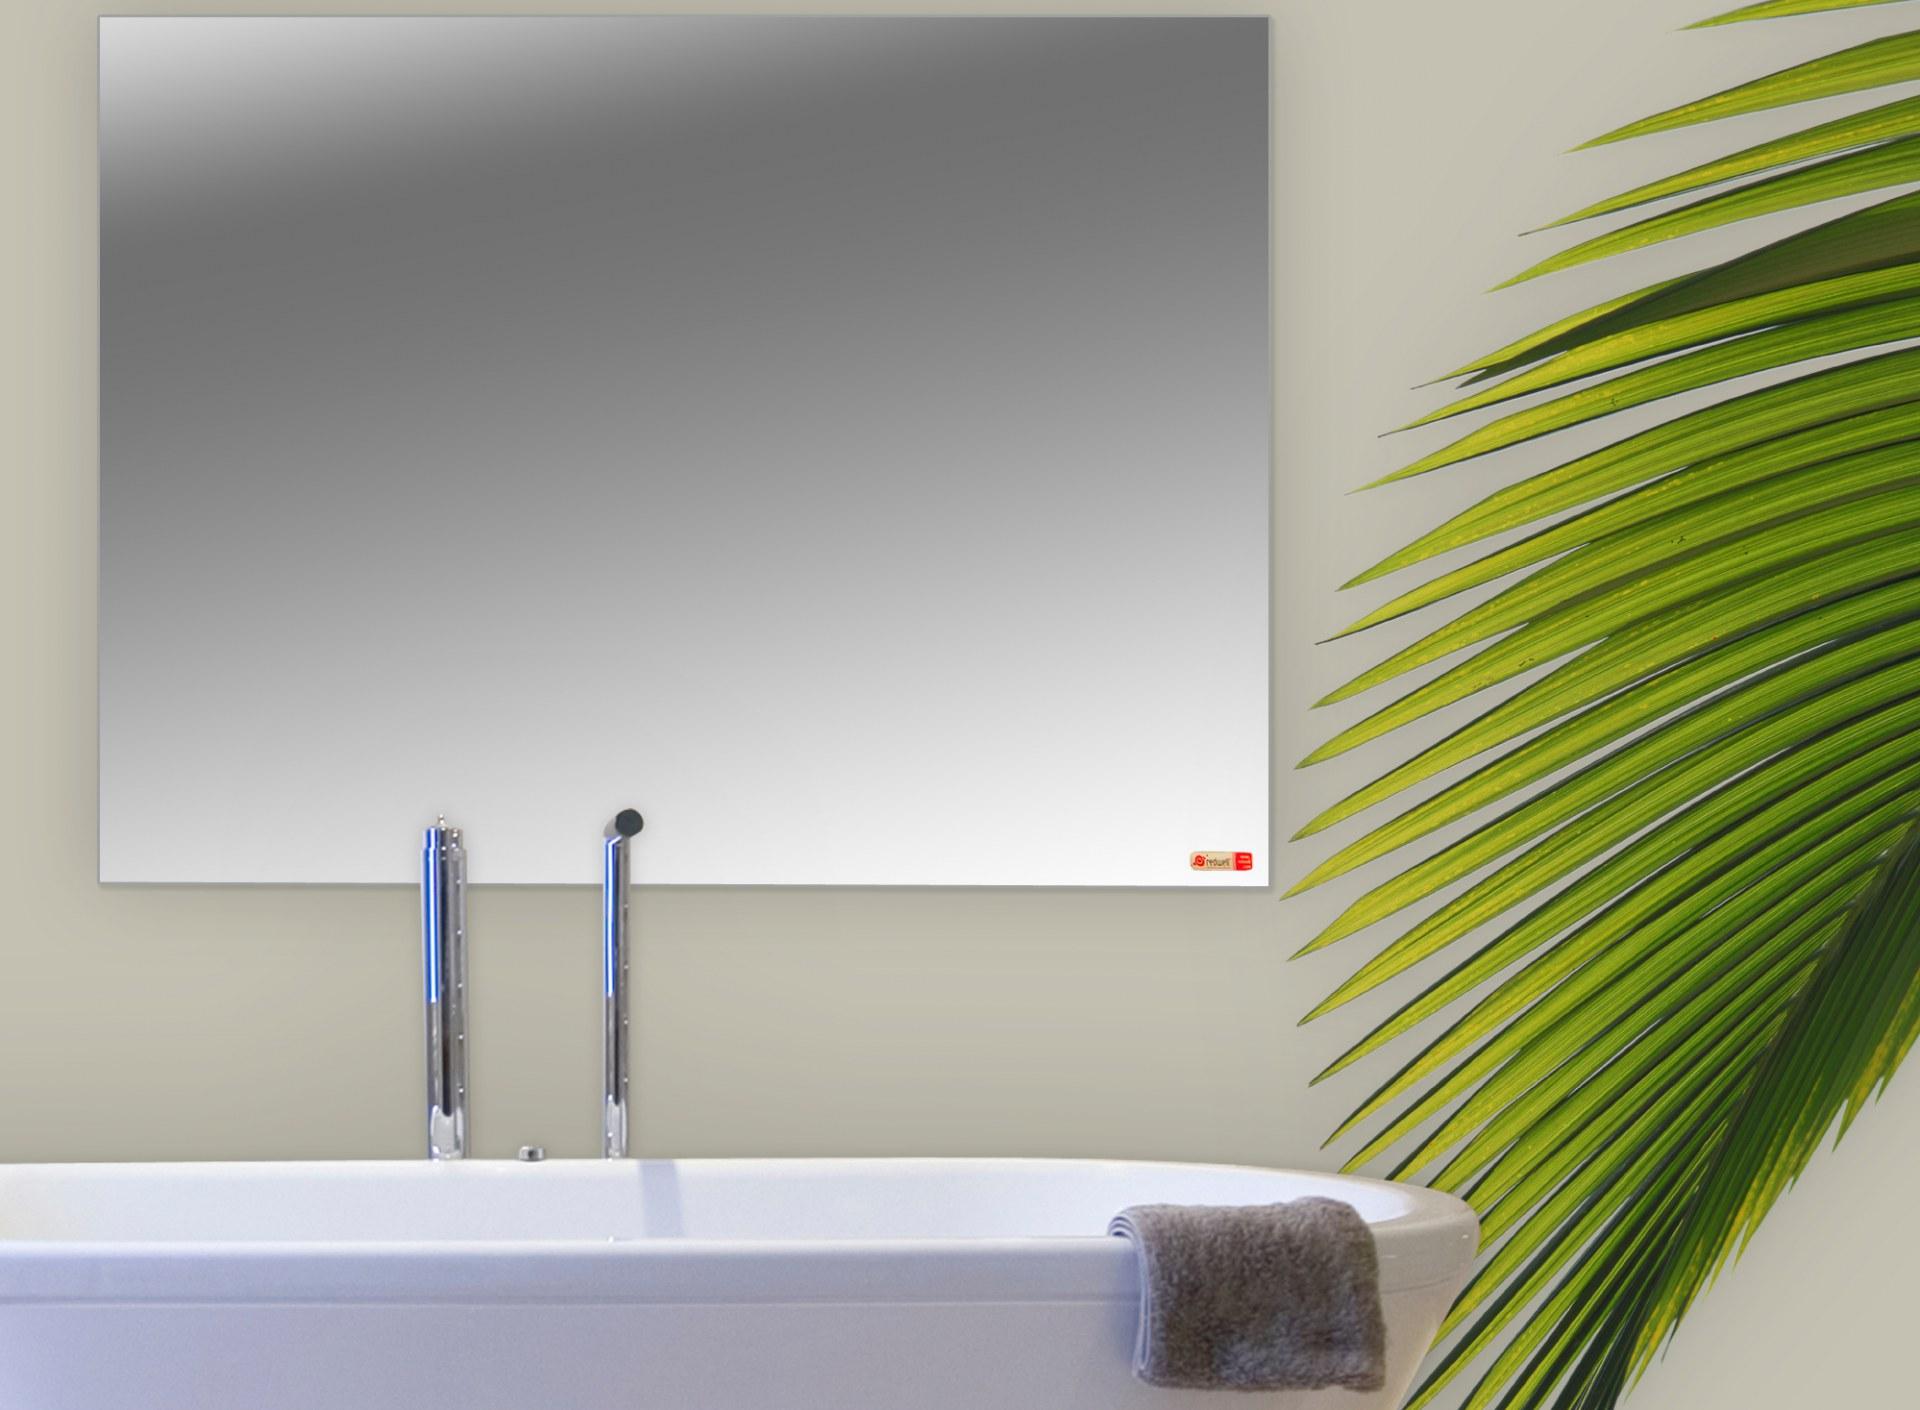 Spiegel Met Verwarming : Spiegel verwarming redwellstudio nederland b v